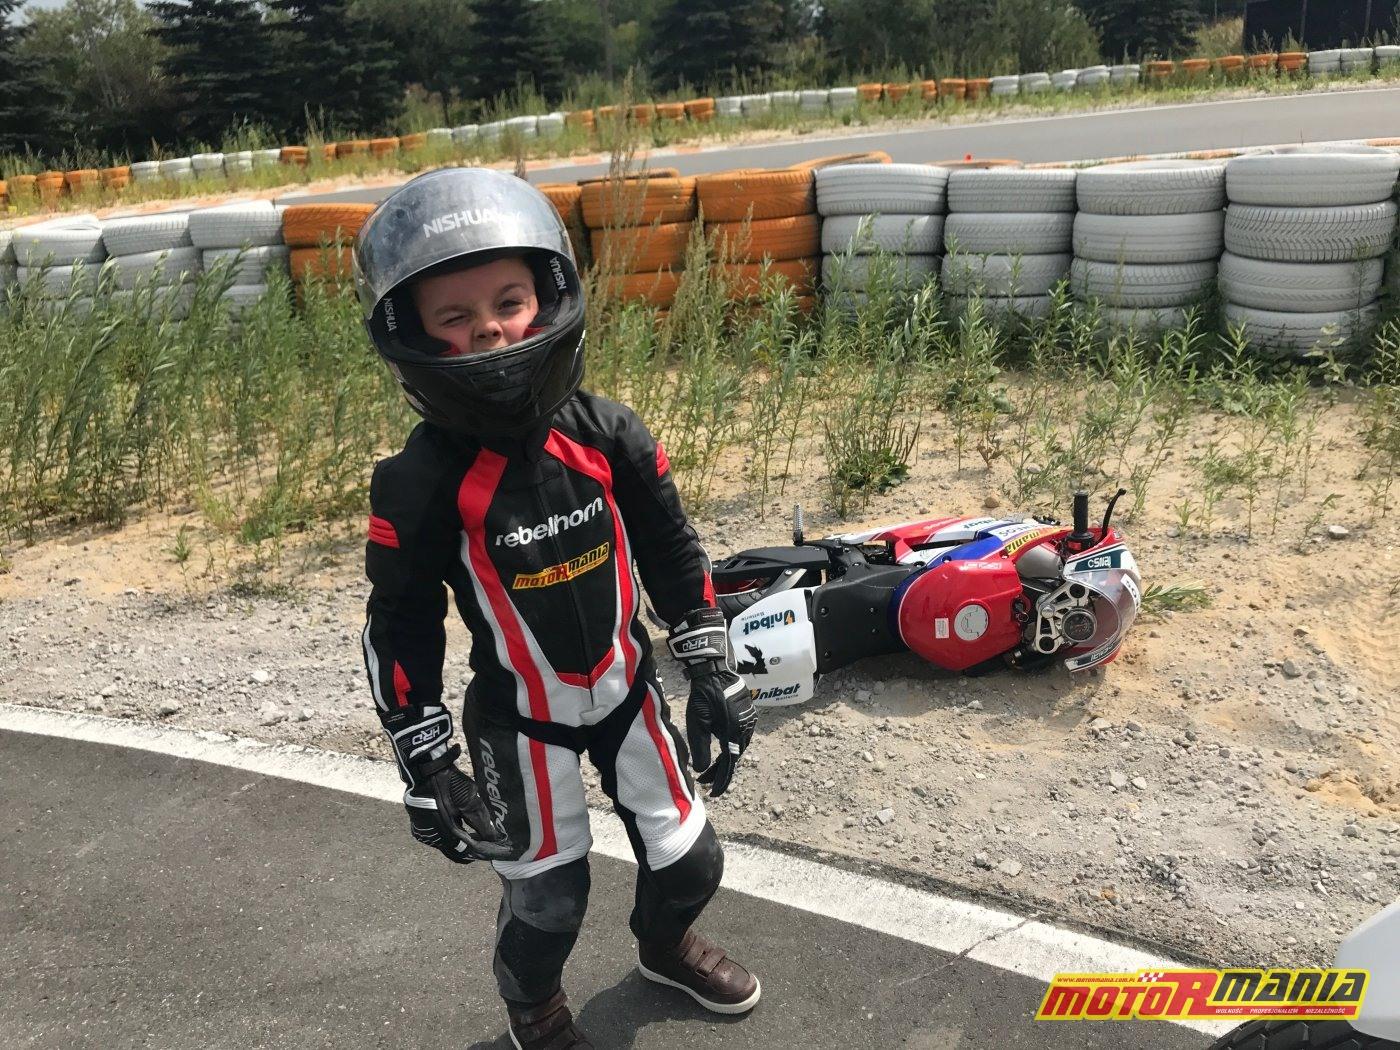 MotoRmania KidzGP - dzieci na motocyklach (4)